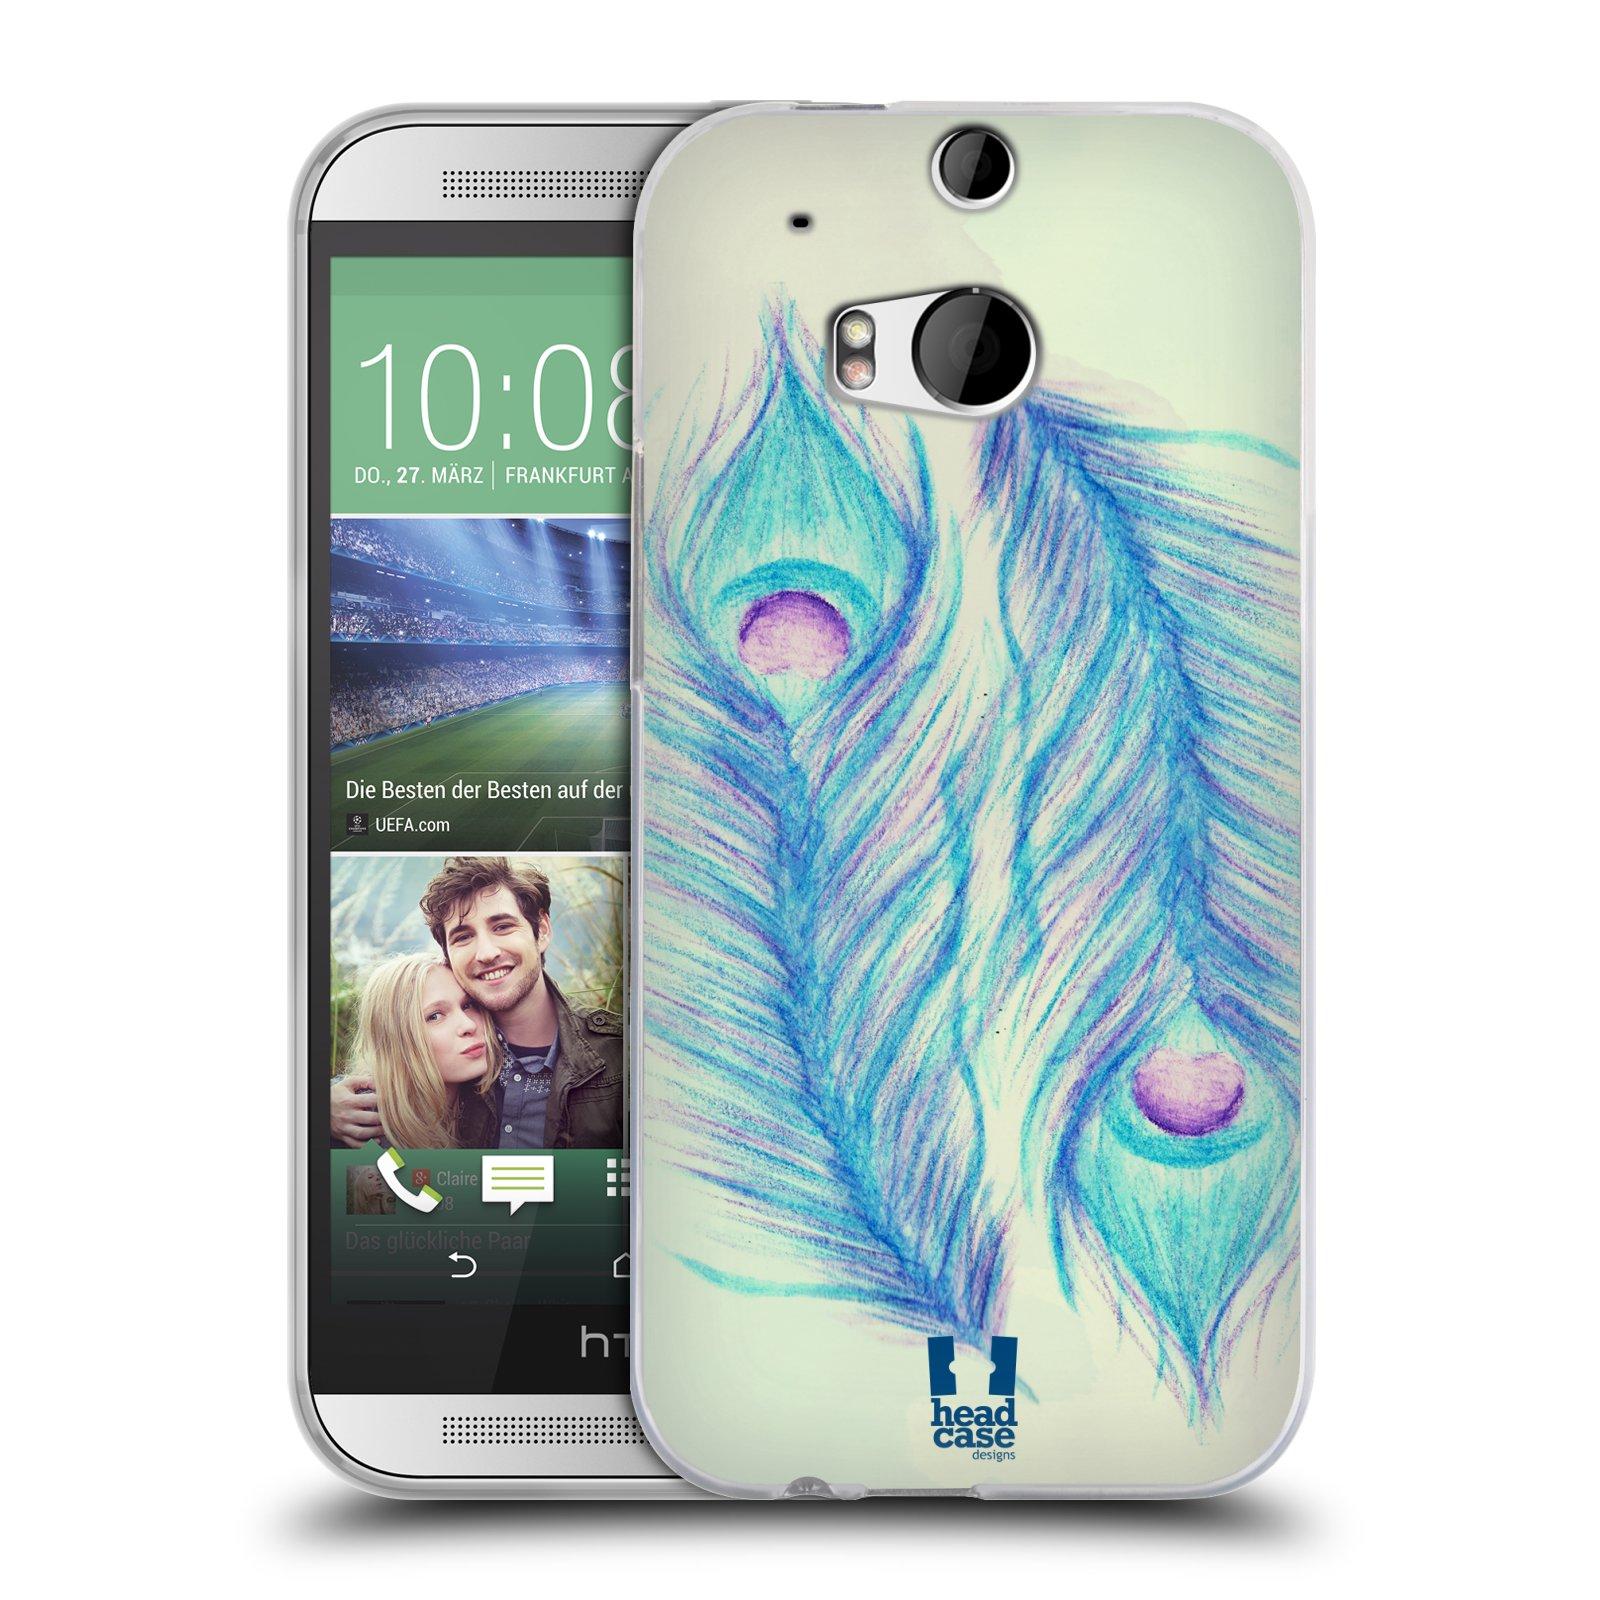 HEAD CASE silikonový obal na mobil HTC ONE (M8) vzor Paví pírka barevná MODRÁ PÁR